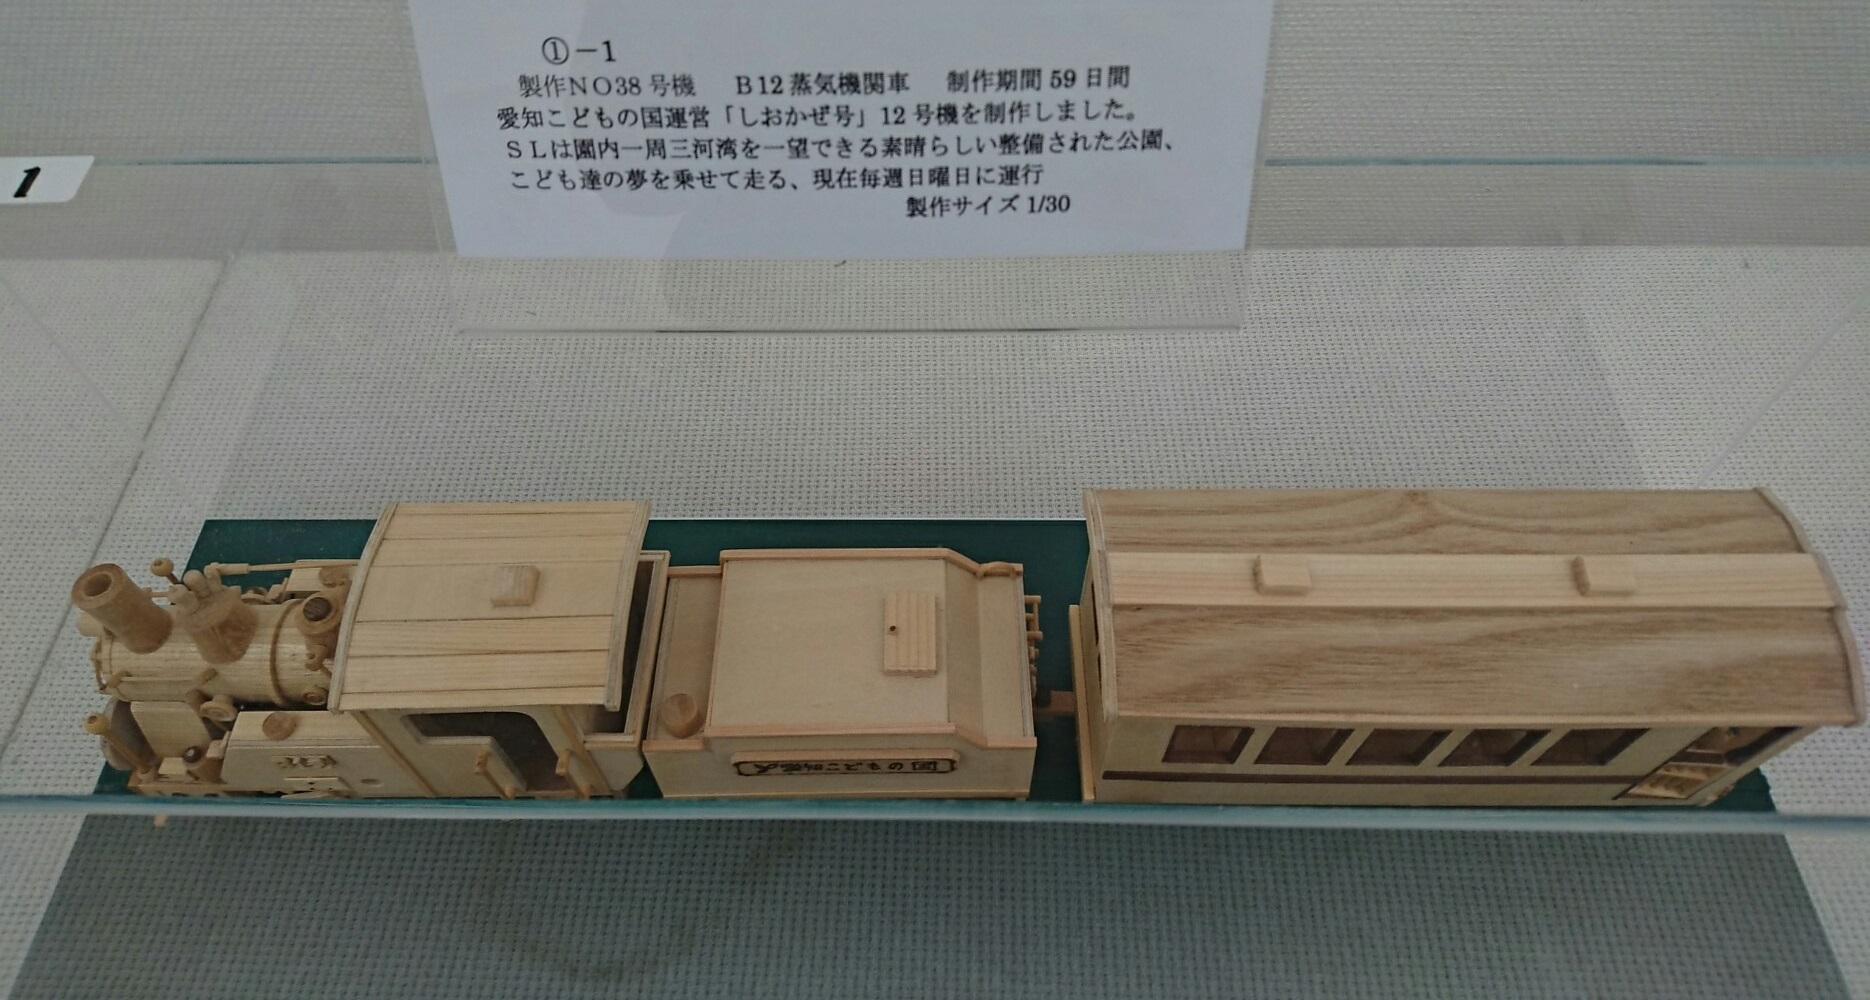 2018.3.21 木工細工蒸気機関車展 (3) しおかぜ号 - 説明がき 1870-1000